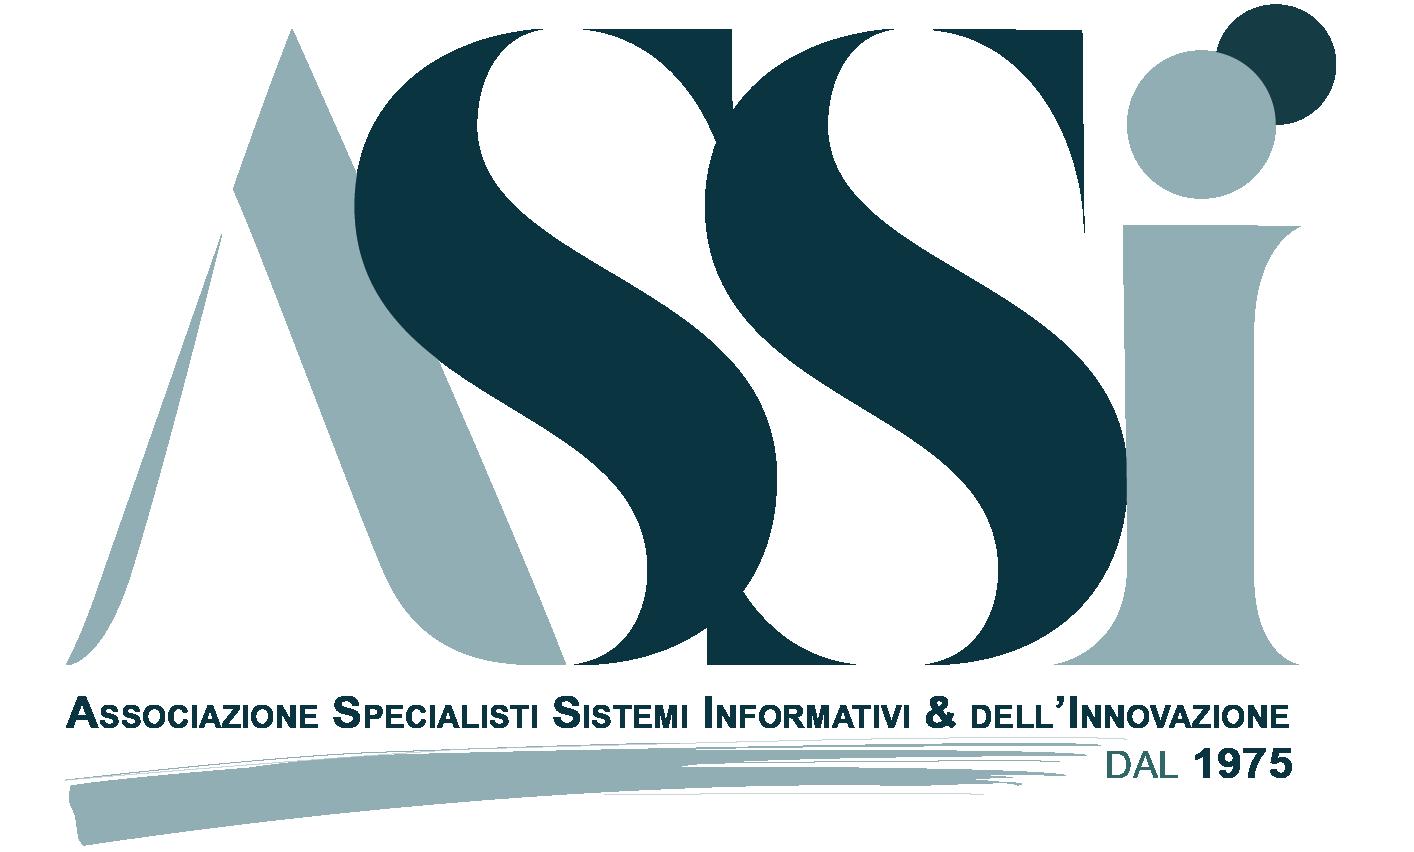 Associazione ASSI